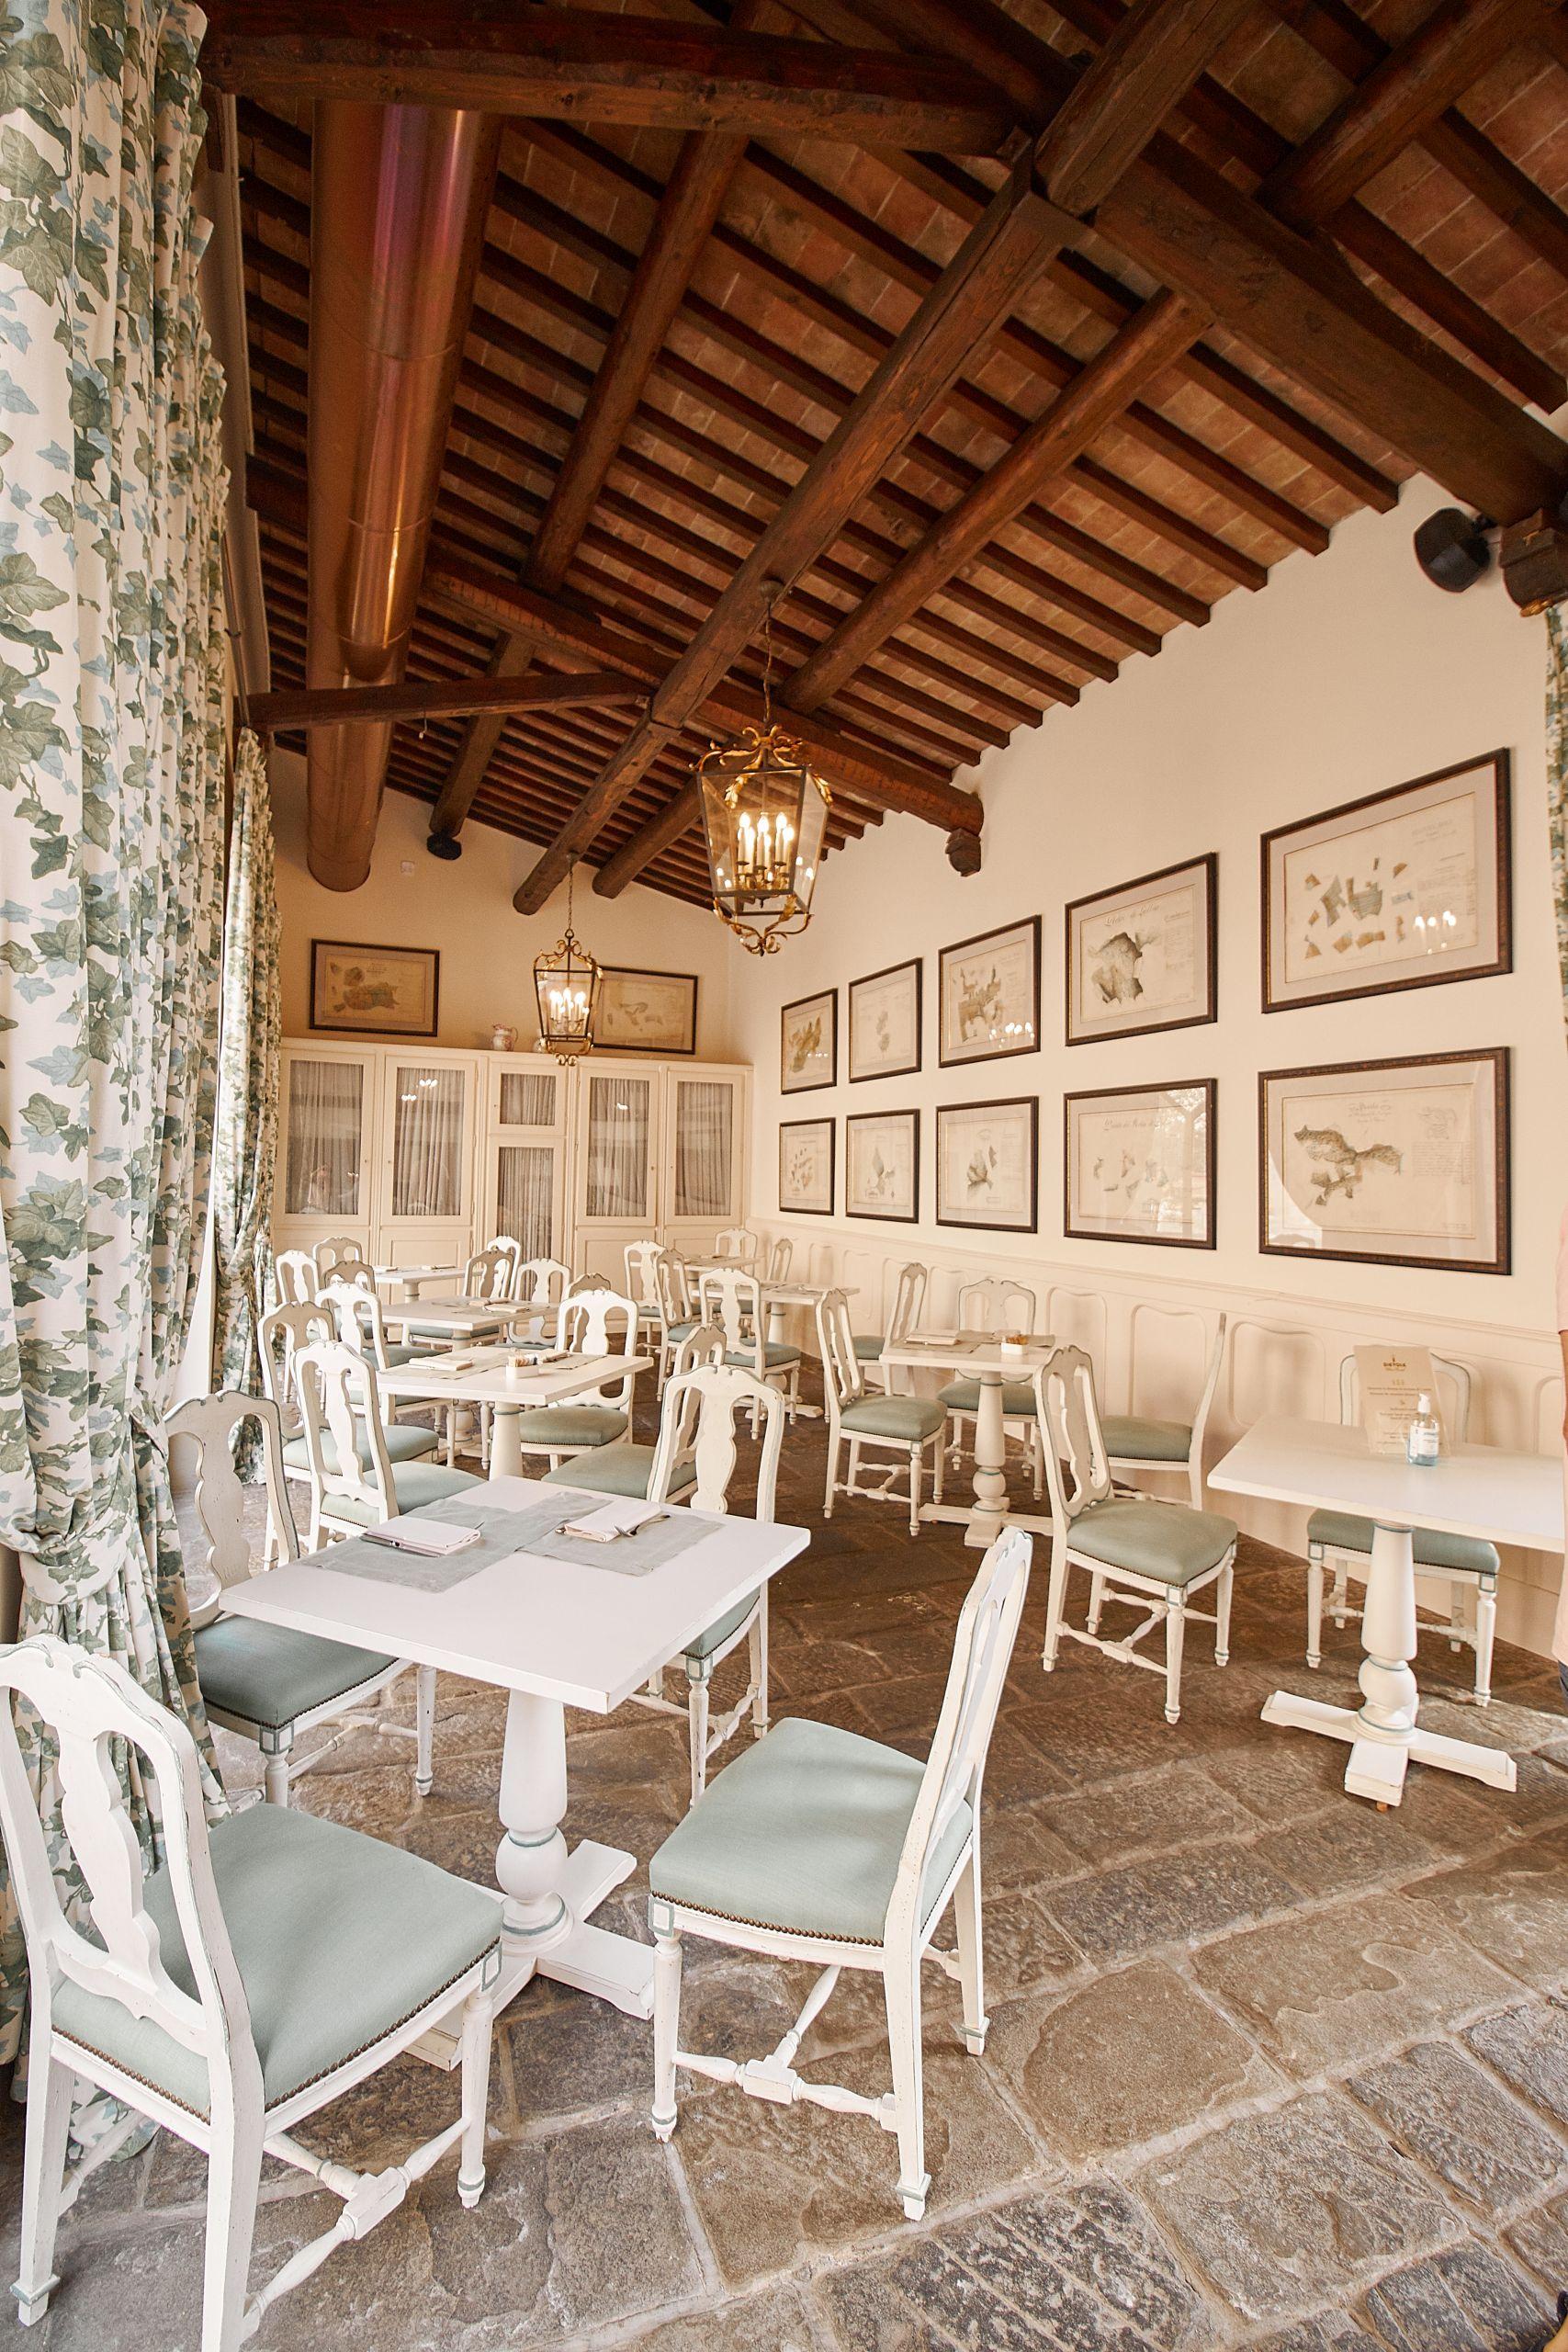 Frühstücksraum vom Dievole Wine Resort in Siena als Unterkunft vom Toskana Roadtrip